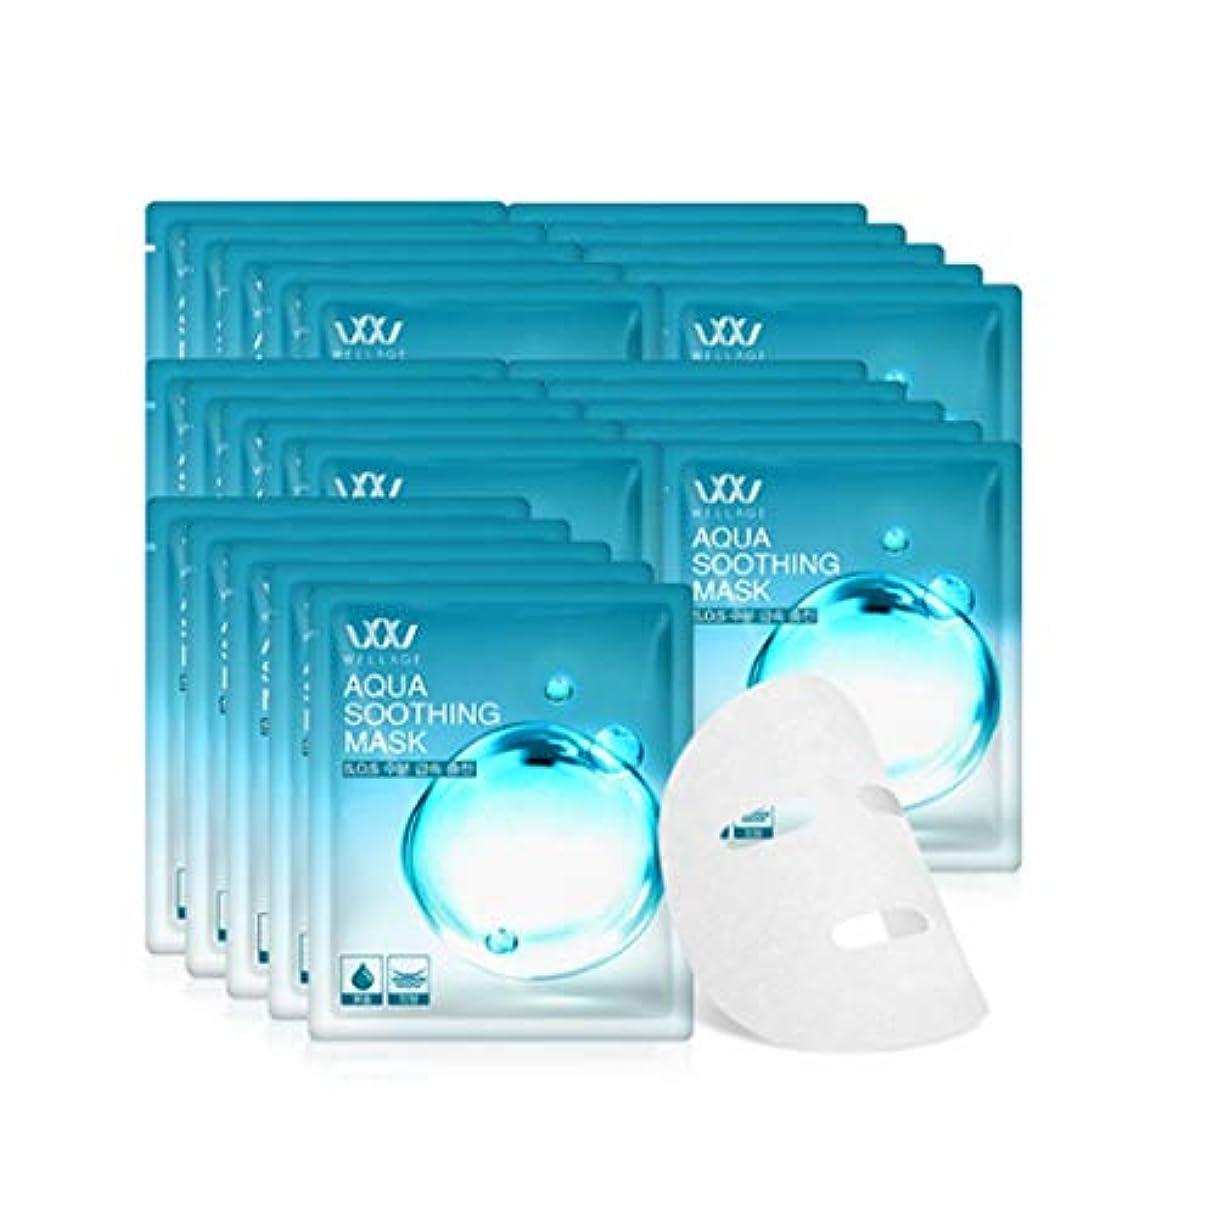 改修する驚くばかりシルクWELLAGE Aqua Soothing Mask Sheet 25枚 S.O.S水分急速充電マスクパック(海外直送品)